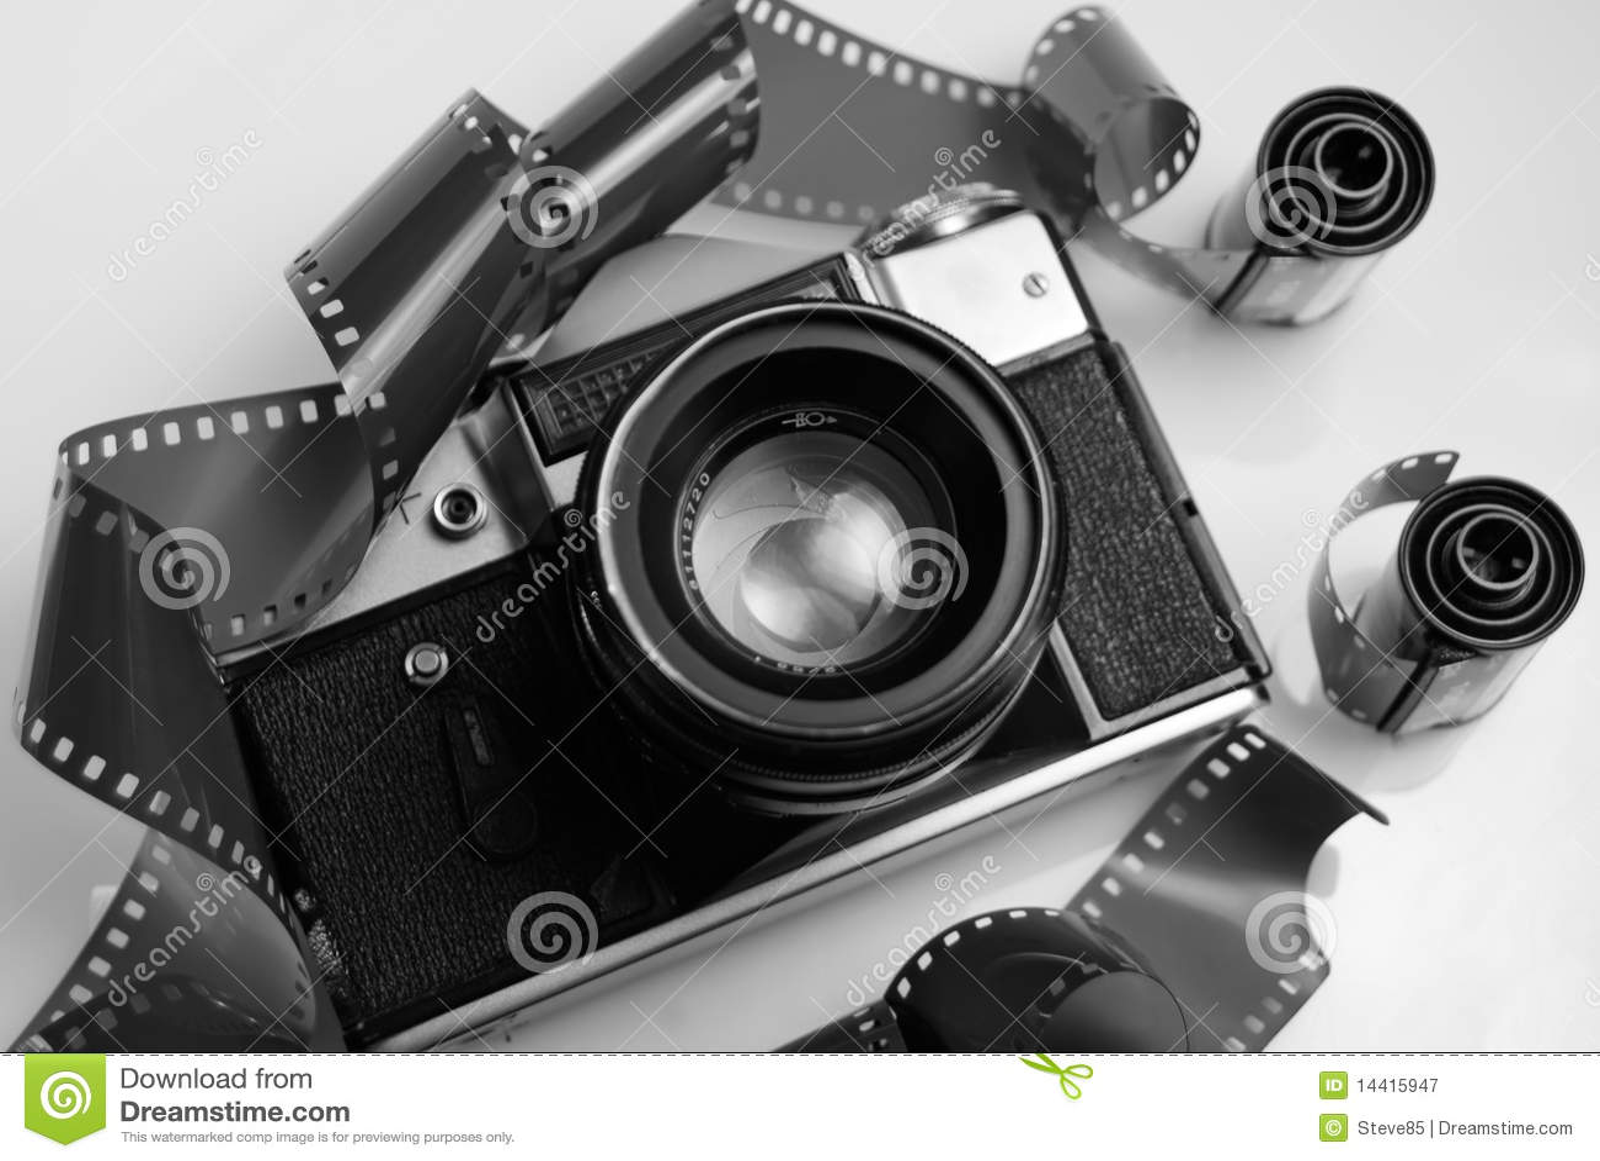 photography-cameras-film